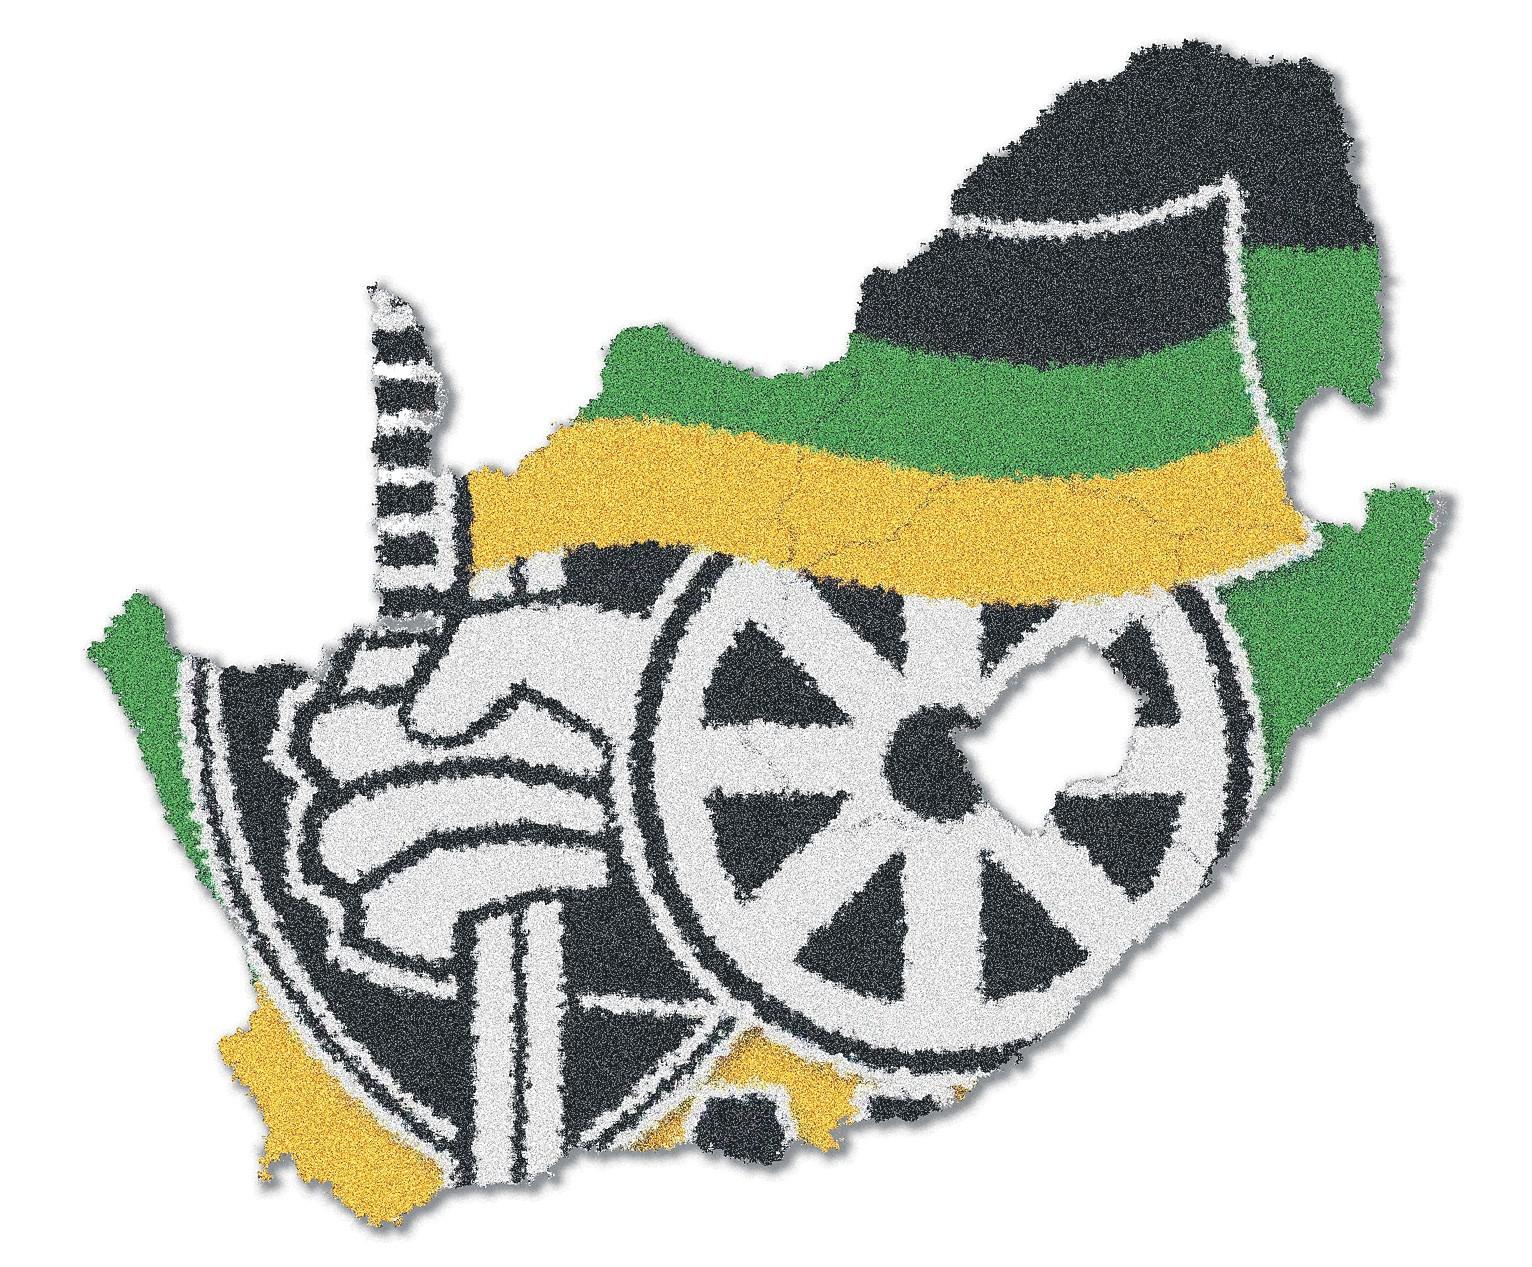 Afrikan kansalliskongressi 100 vuotta